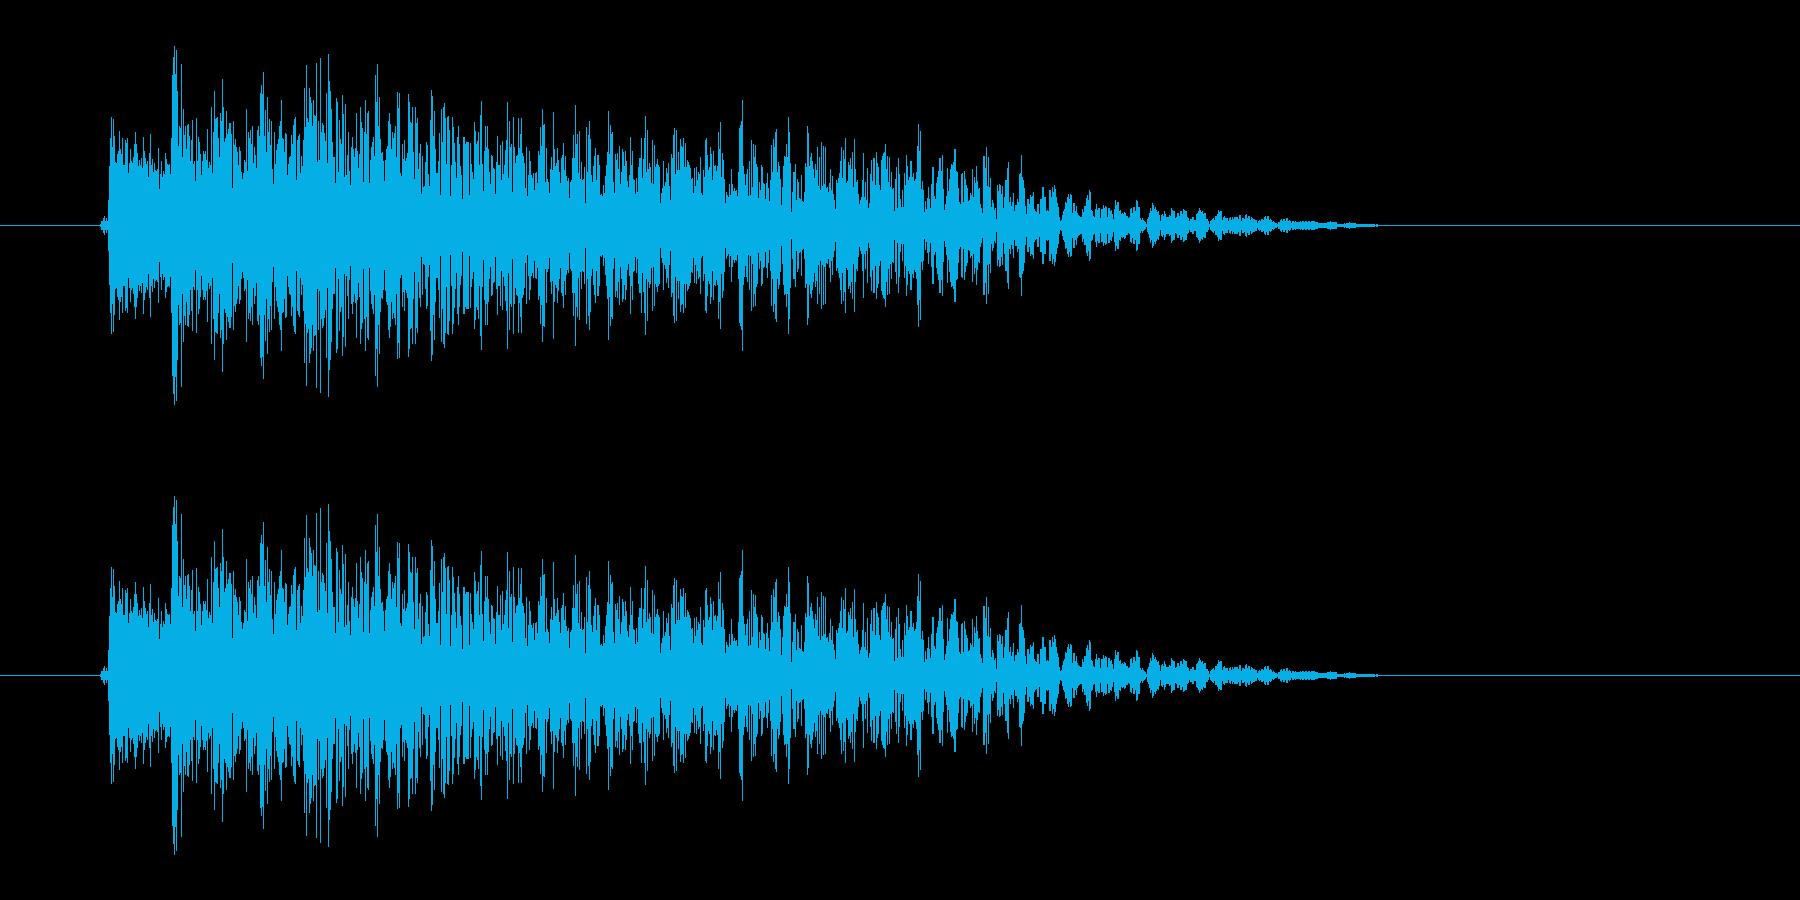 フォークギター細い1弦から太い6弦への再生済みの波形